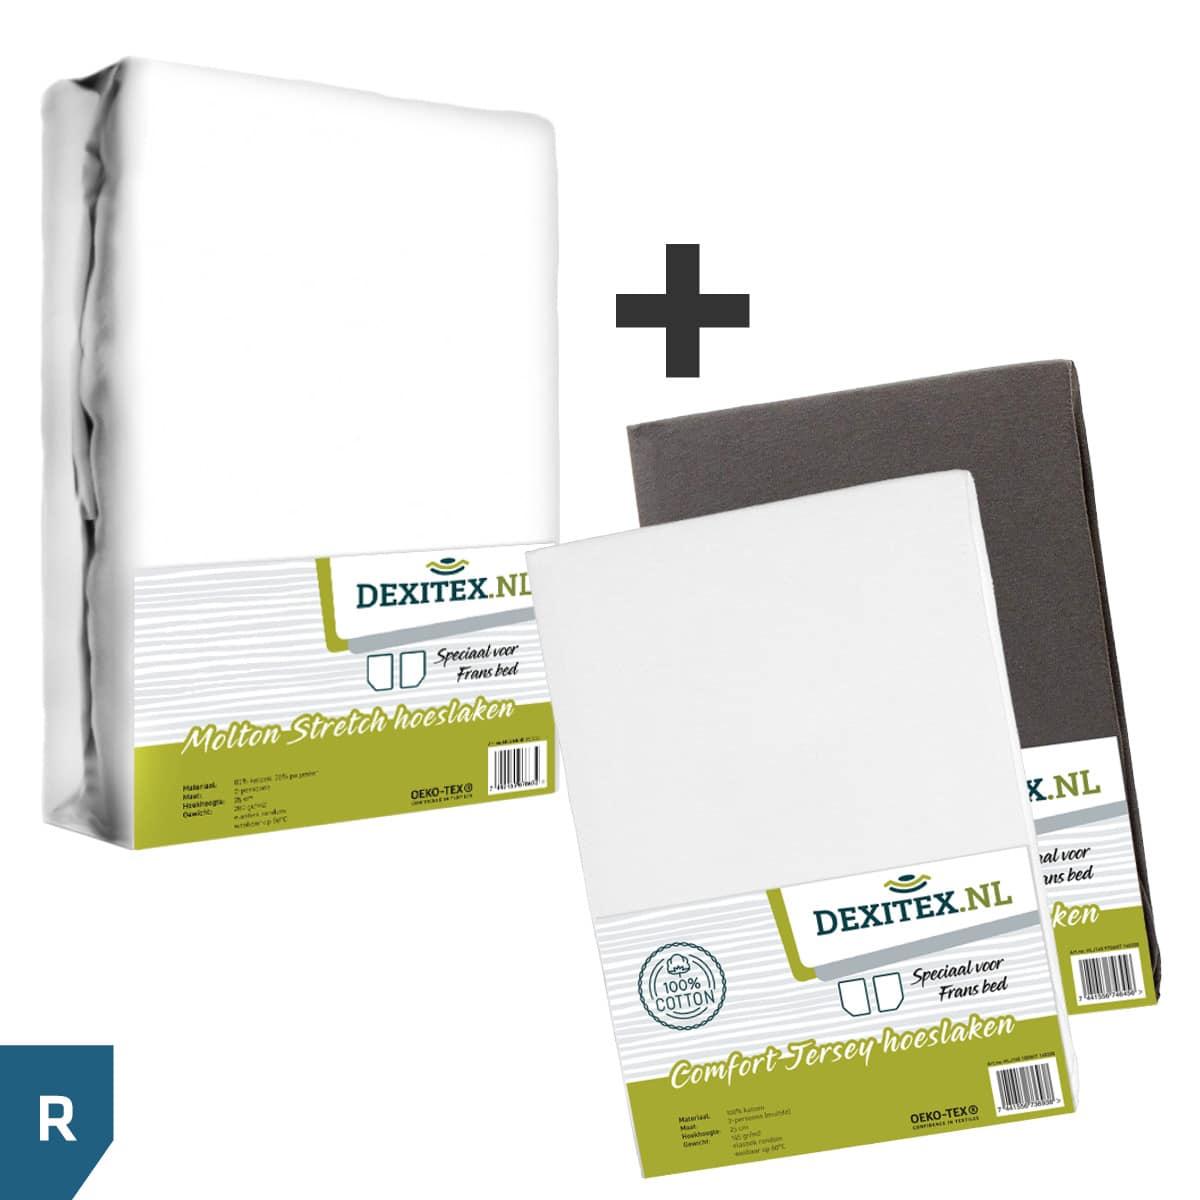 Textielpakket voor een Fransbed - 1x Molton wit + 1x jersey hoeslaken antraciet en 1x jersey hoeslaken wit